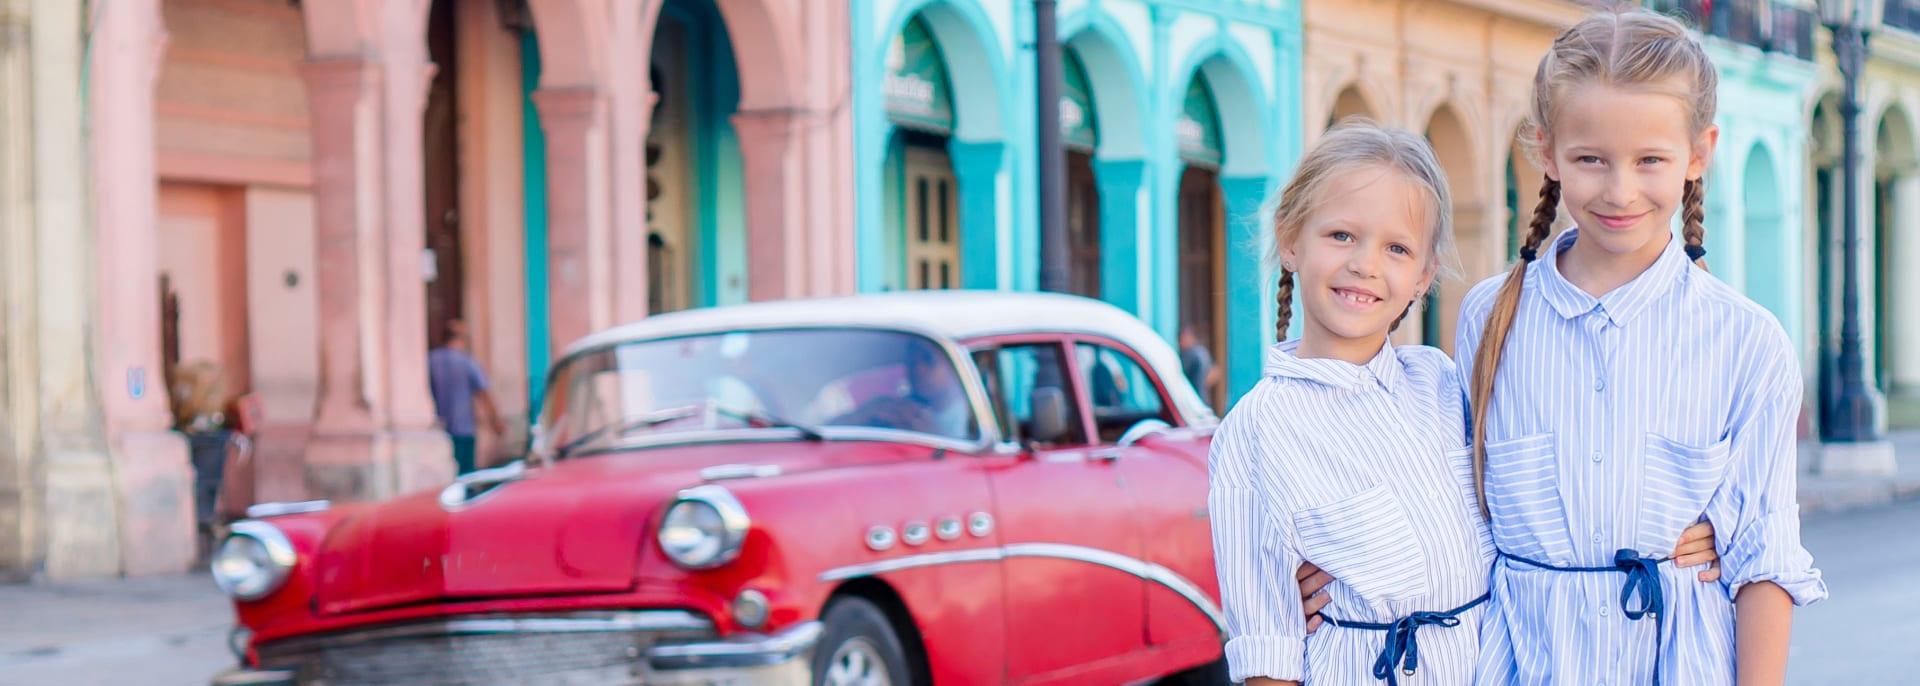 Reisen mit Kindern, Familienurlaub, Karibik